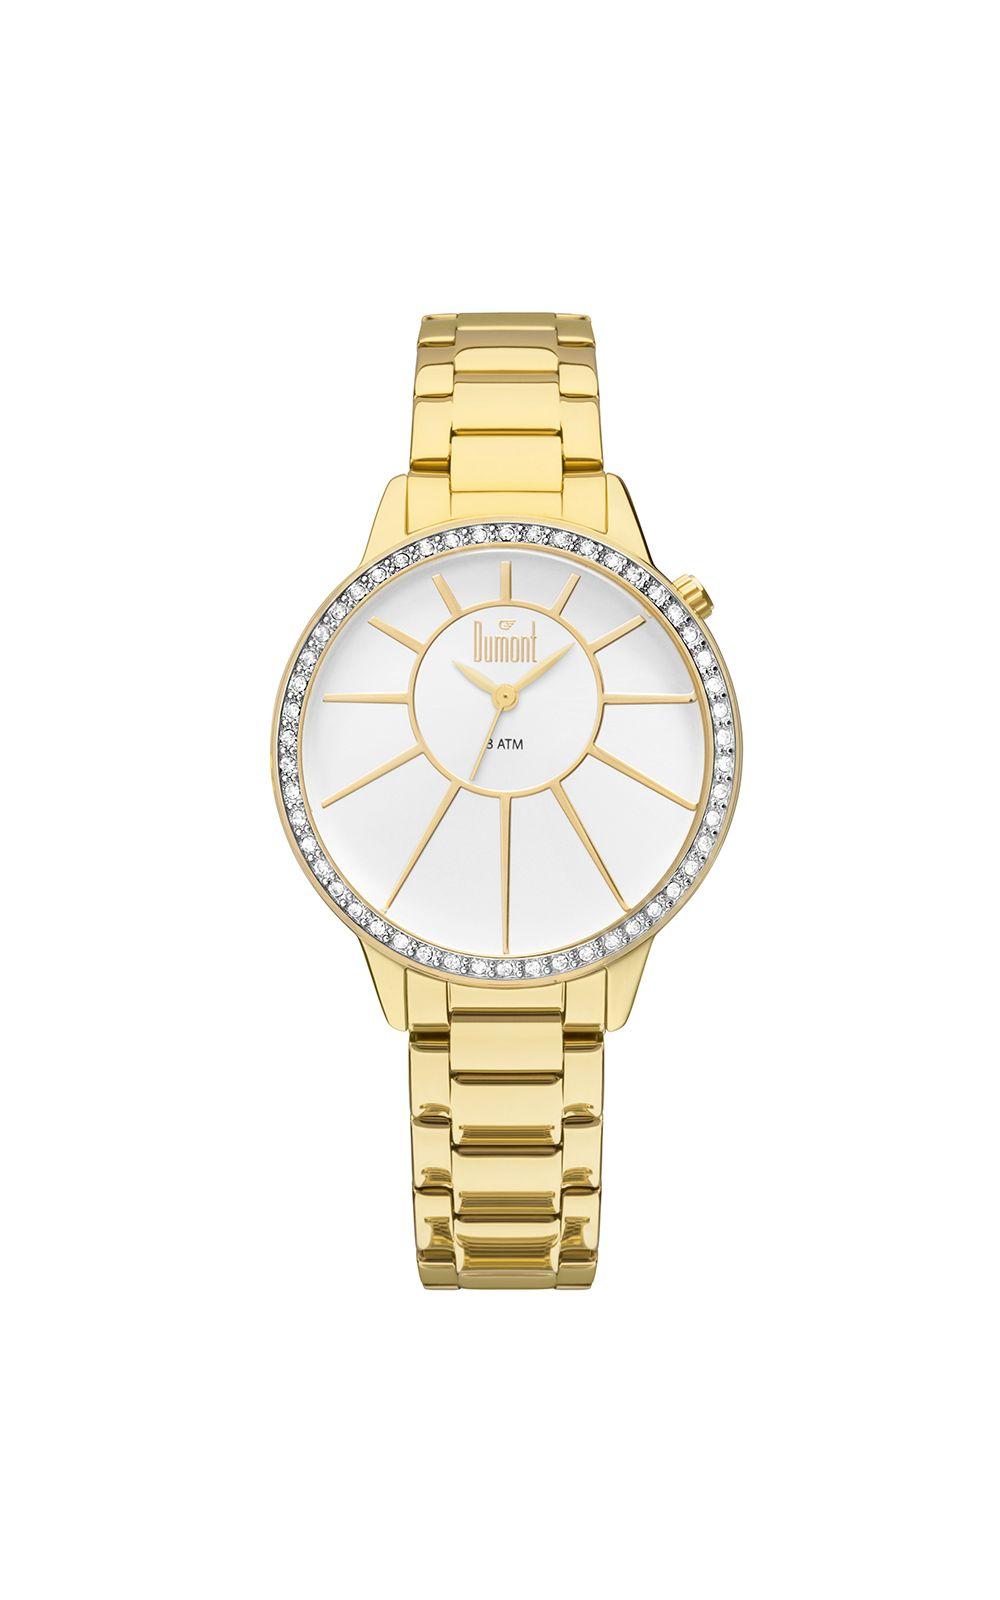 Relógio Feminino Dumont Splèndore DU2035LVH 4B. undefined 1048ad32c1